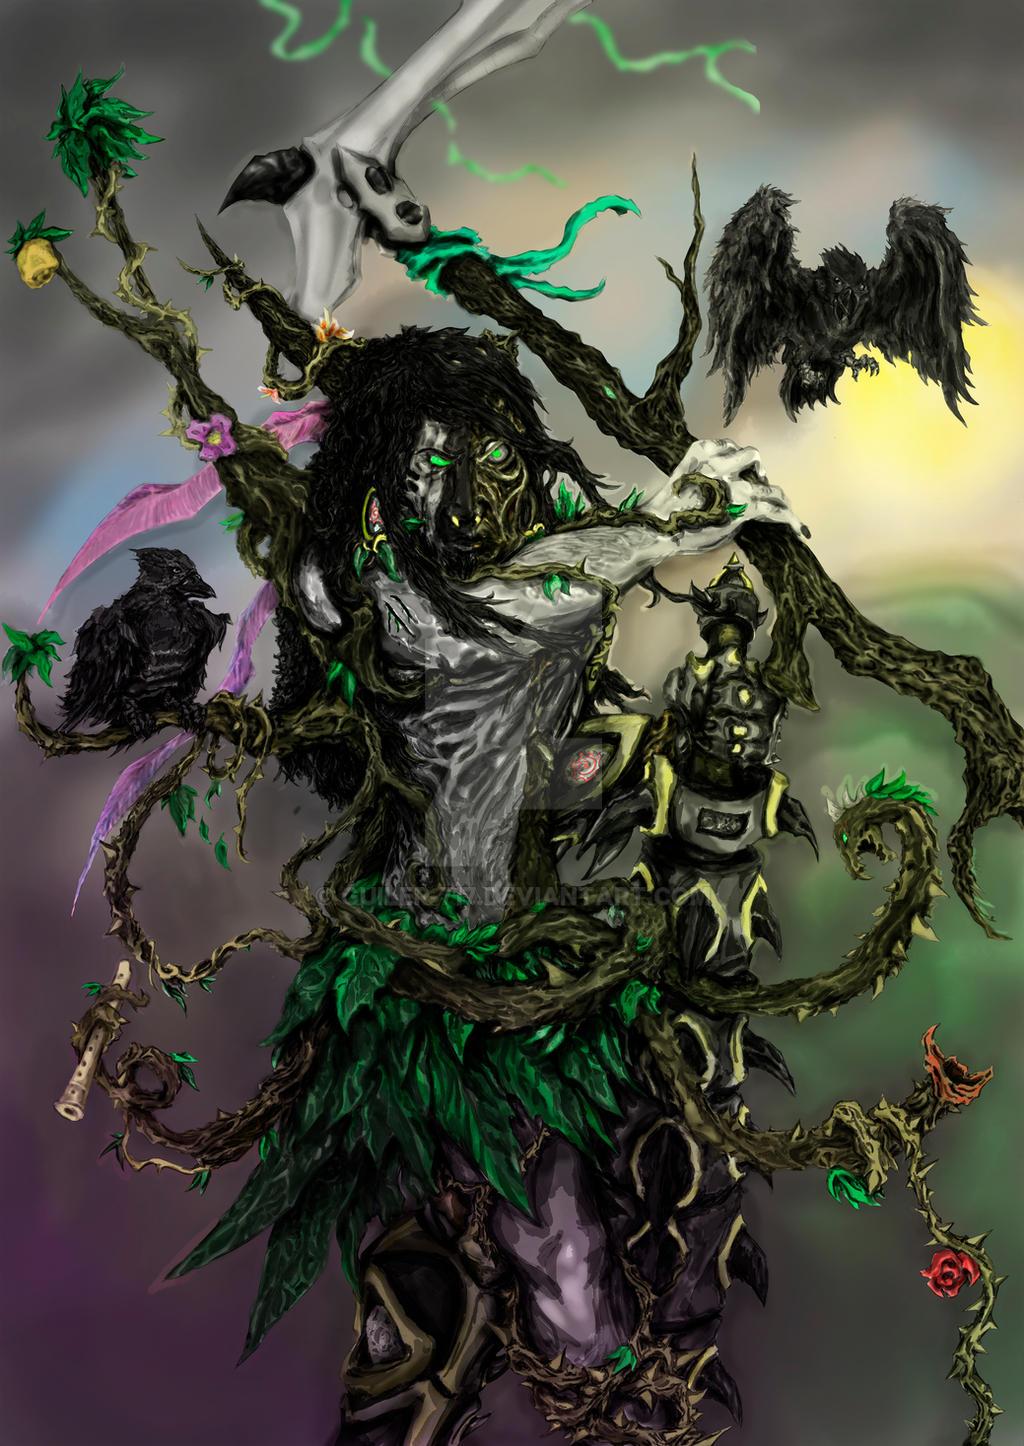 God of Blindfolded Justice by Guiler-717